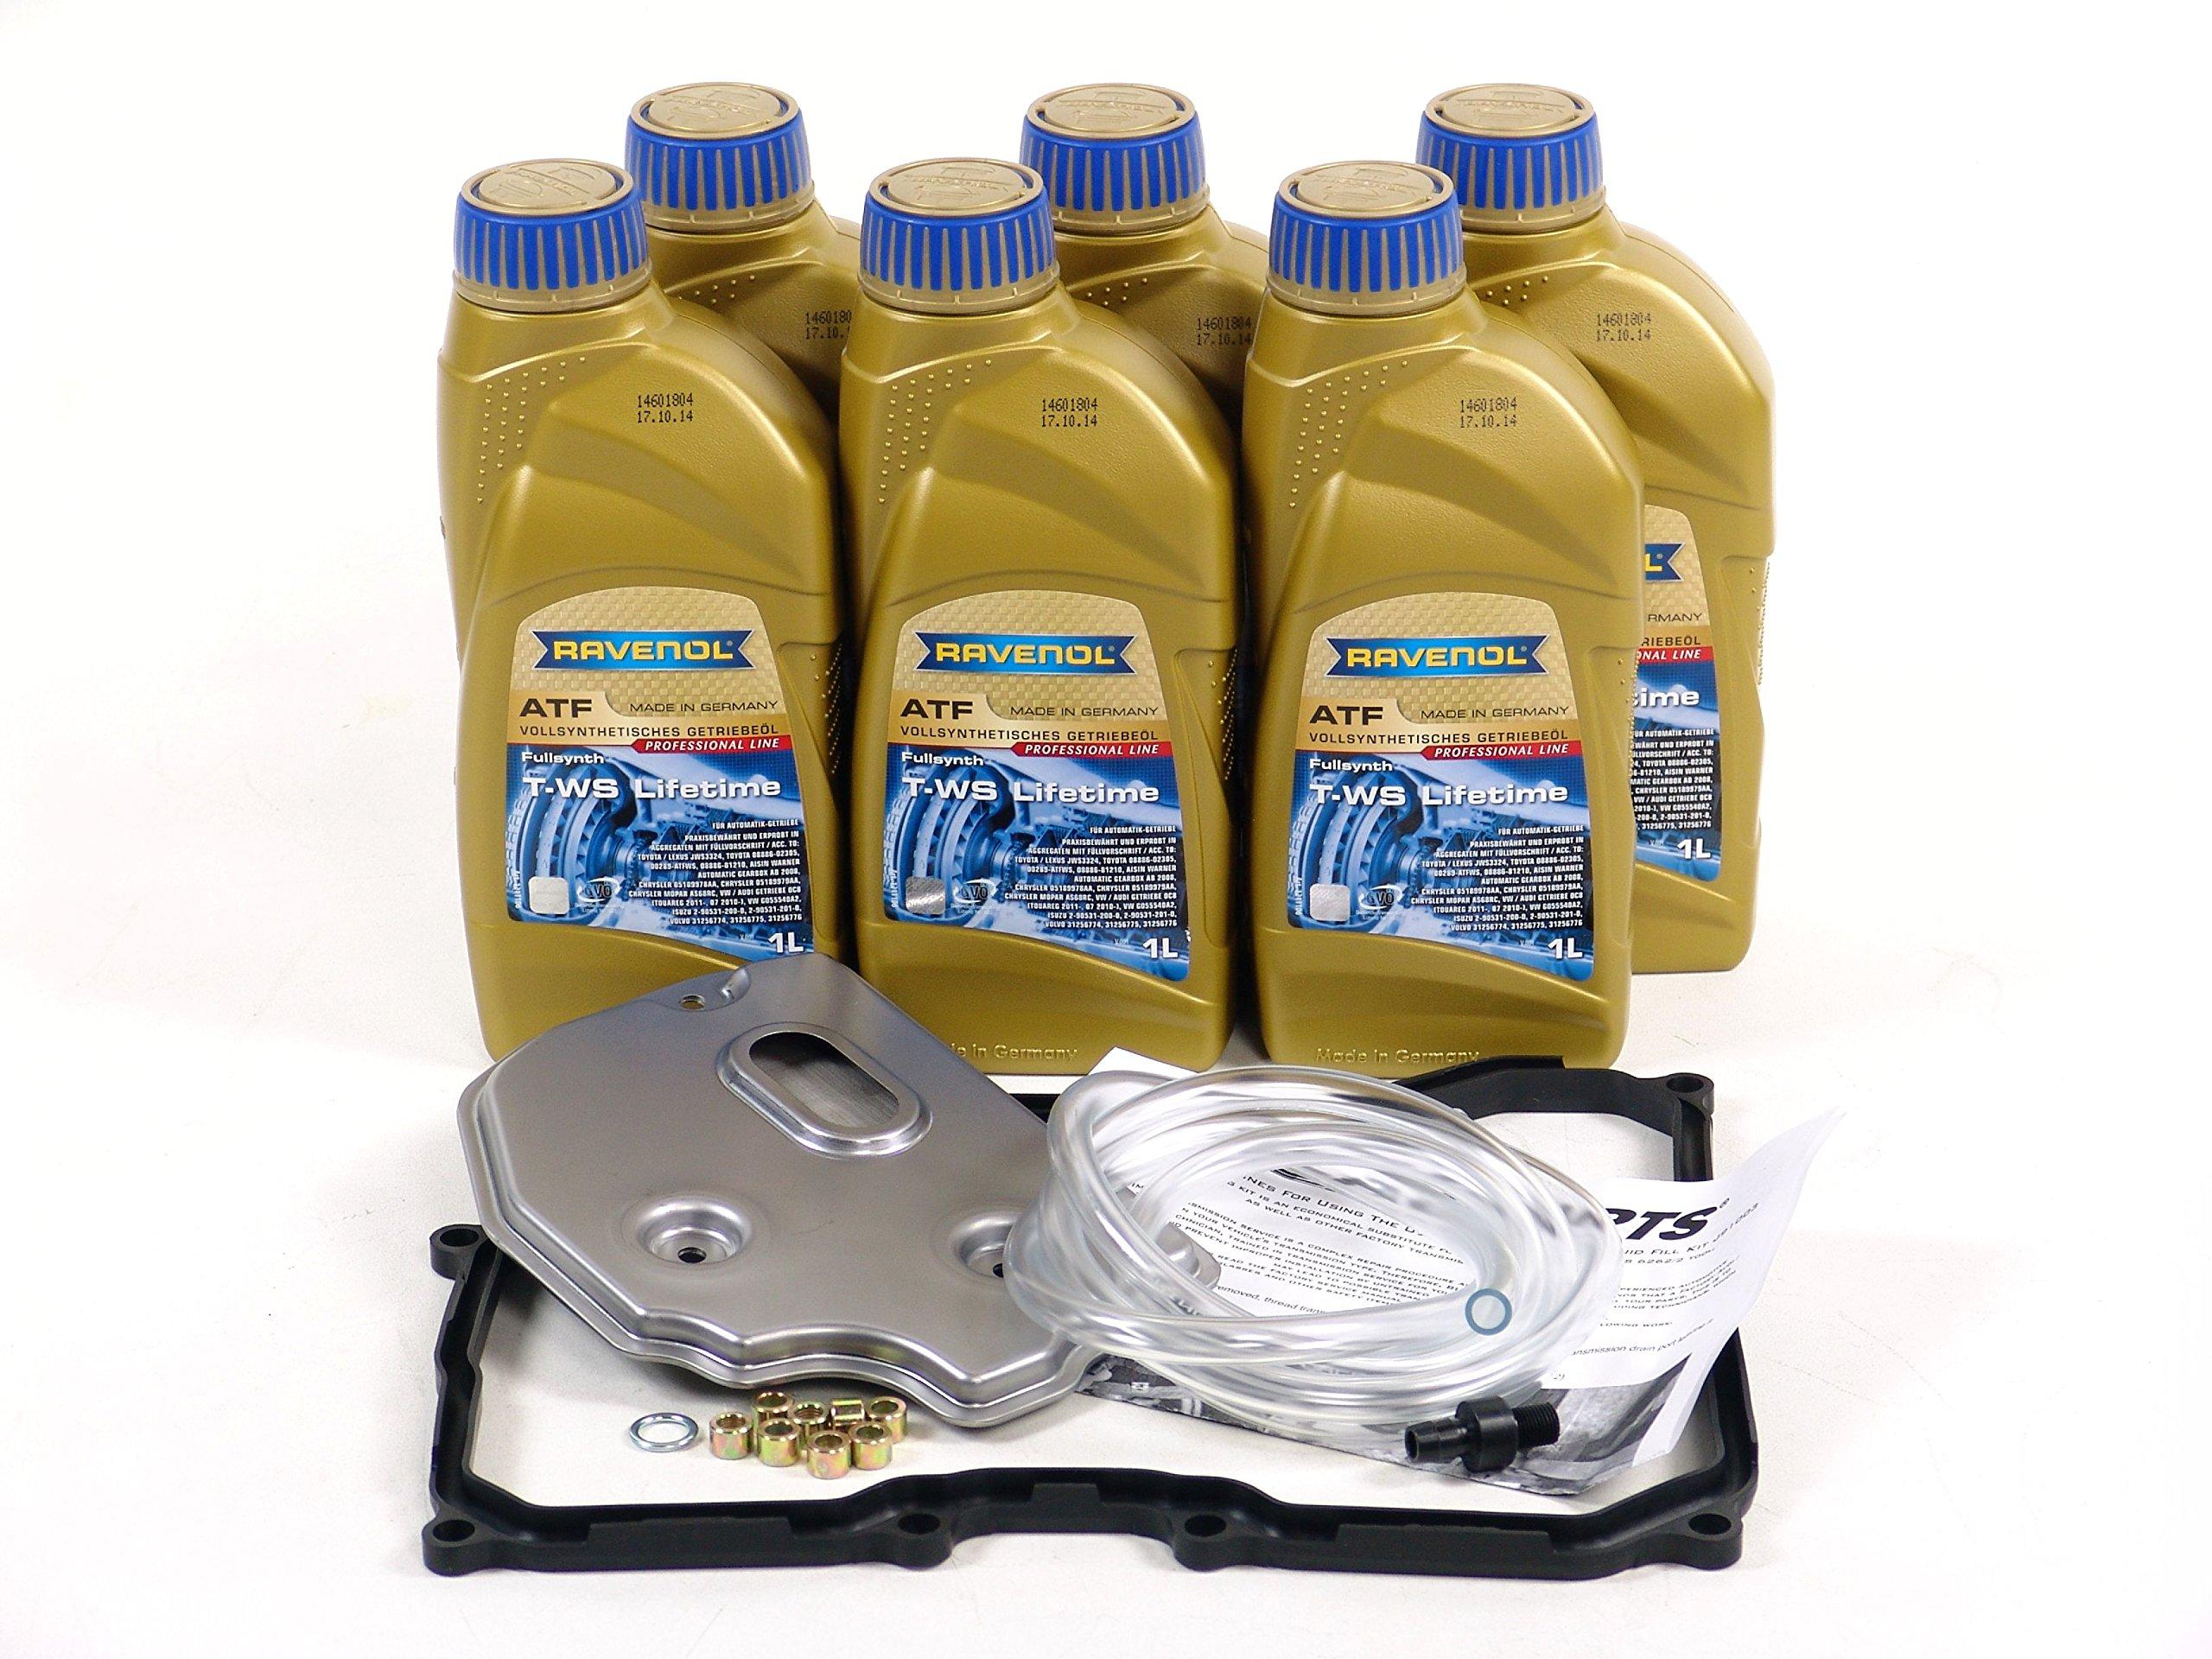 BLAU F2A1017-D VW Passat ATF Automatic Transmission Fluid Filter Kit - 2012-14 w/ 6 Speed Tiptronic (2.5L Engine) by Blau